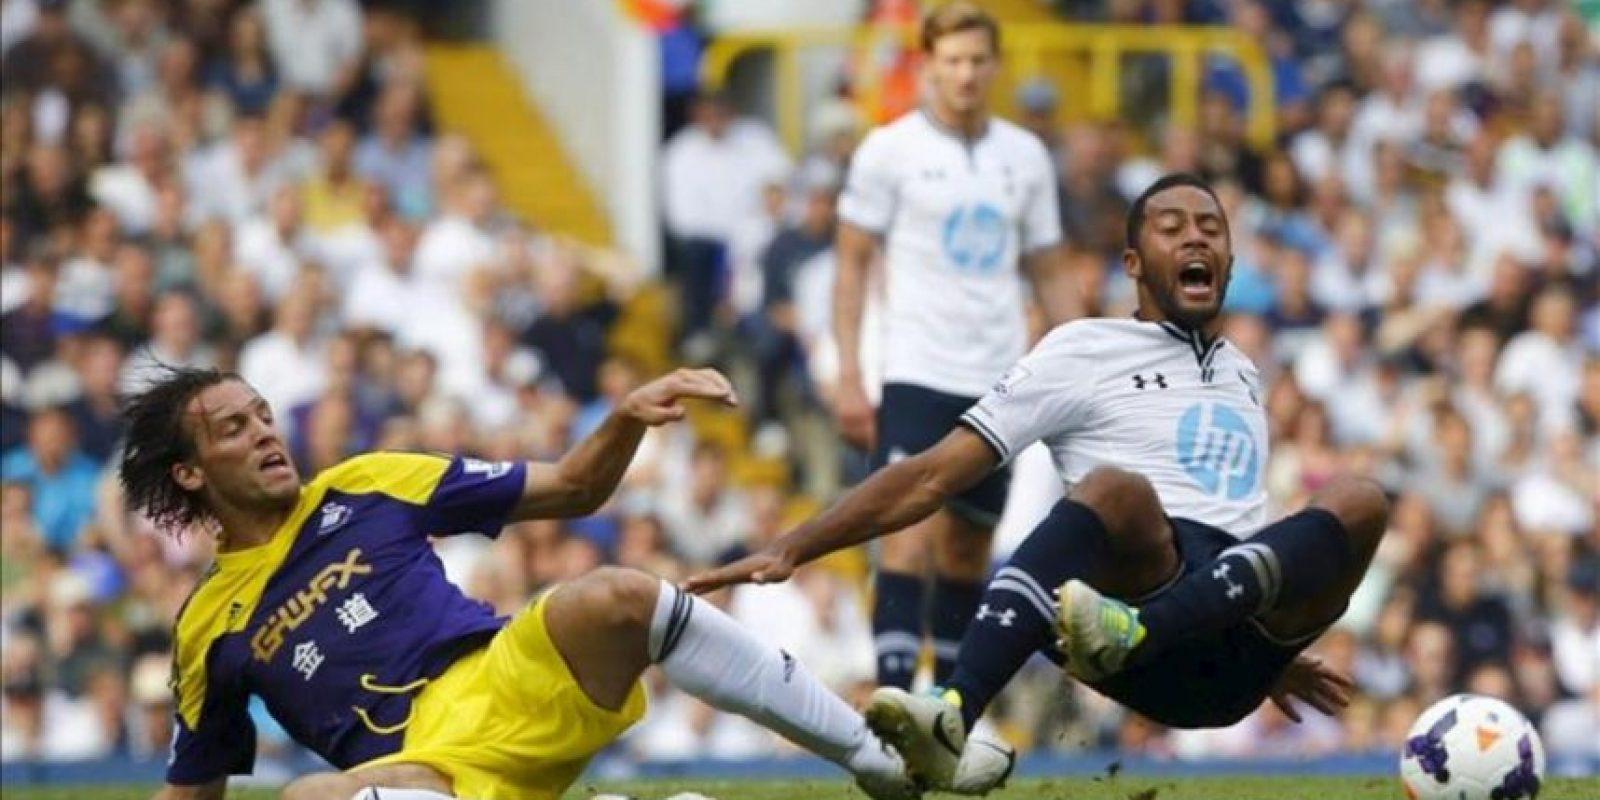 Los jugadores Mousa Dembele, del Tottenham Hotspur (d), y Michu, del Swansea City, durante el partido de la Premier League que ha enfrentado al Tottenham Hotspur FC con el Swansea City en el White Hart Lane en Londres, Reino Unido. EFE